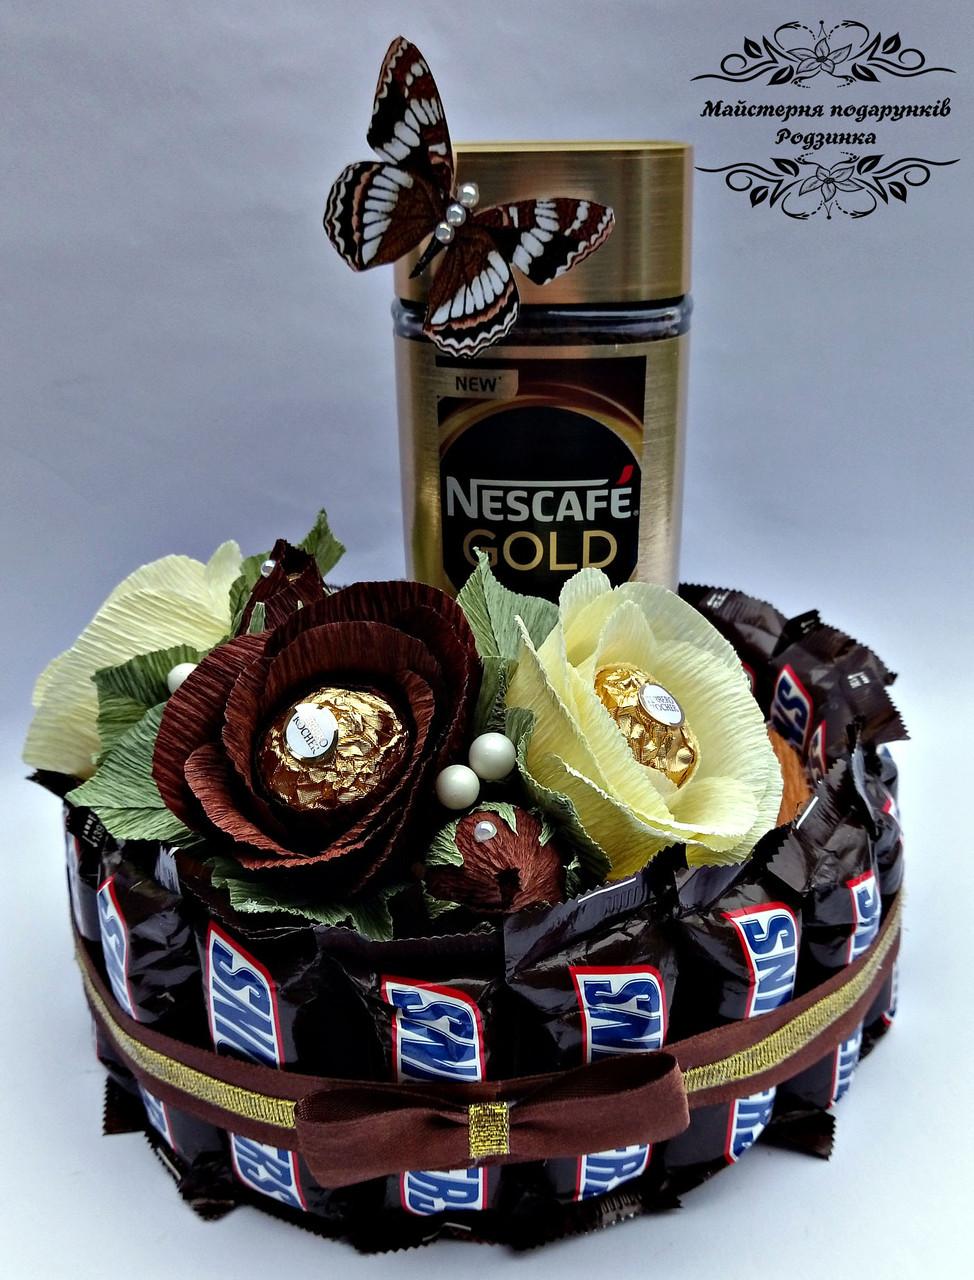 Солодкий букет, торт - подарунок  з цукерками та кавою . Подарунок на День народження, ювілей